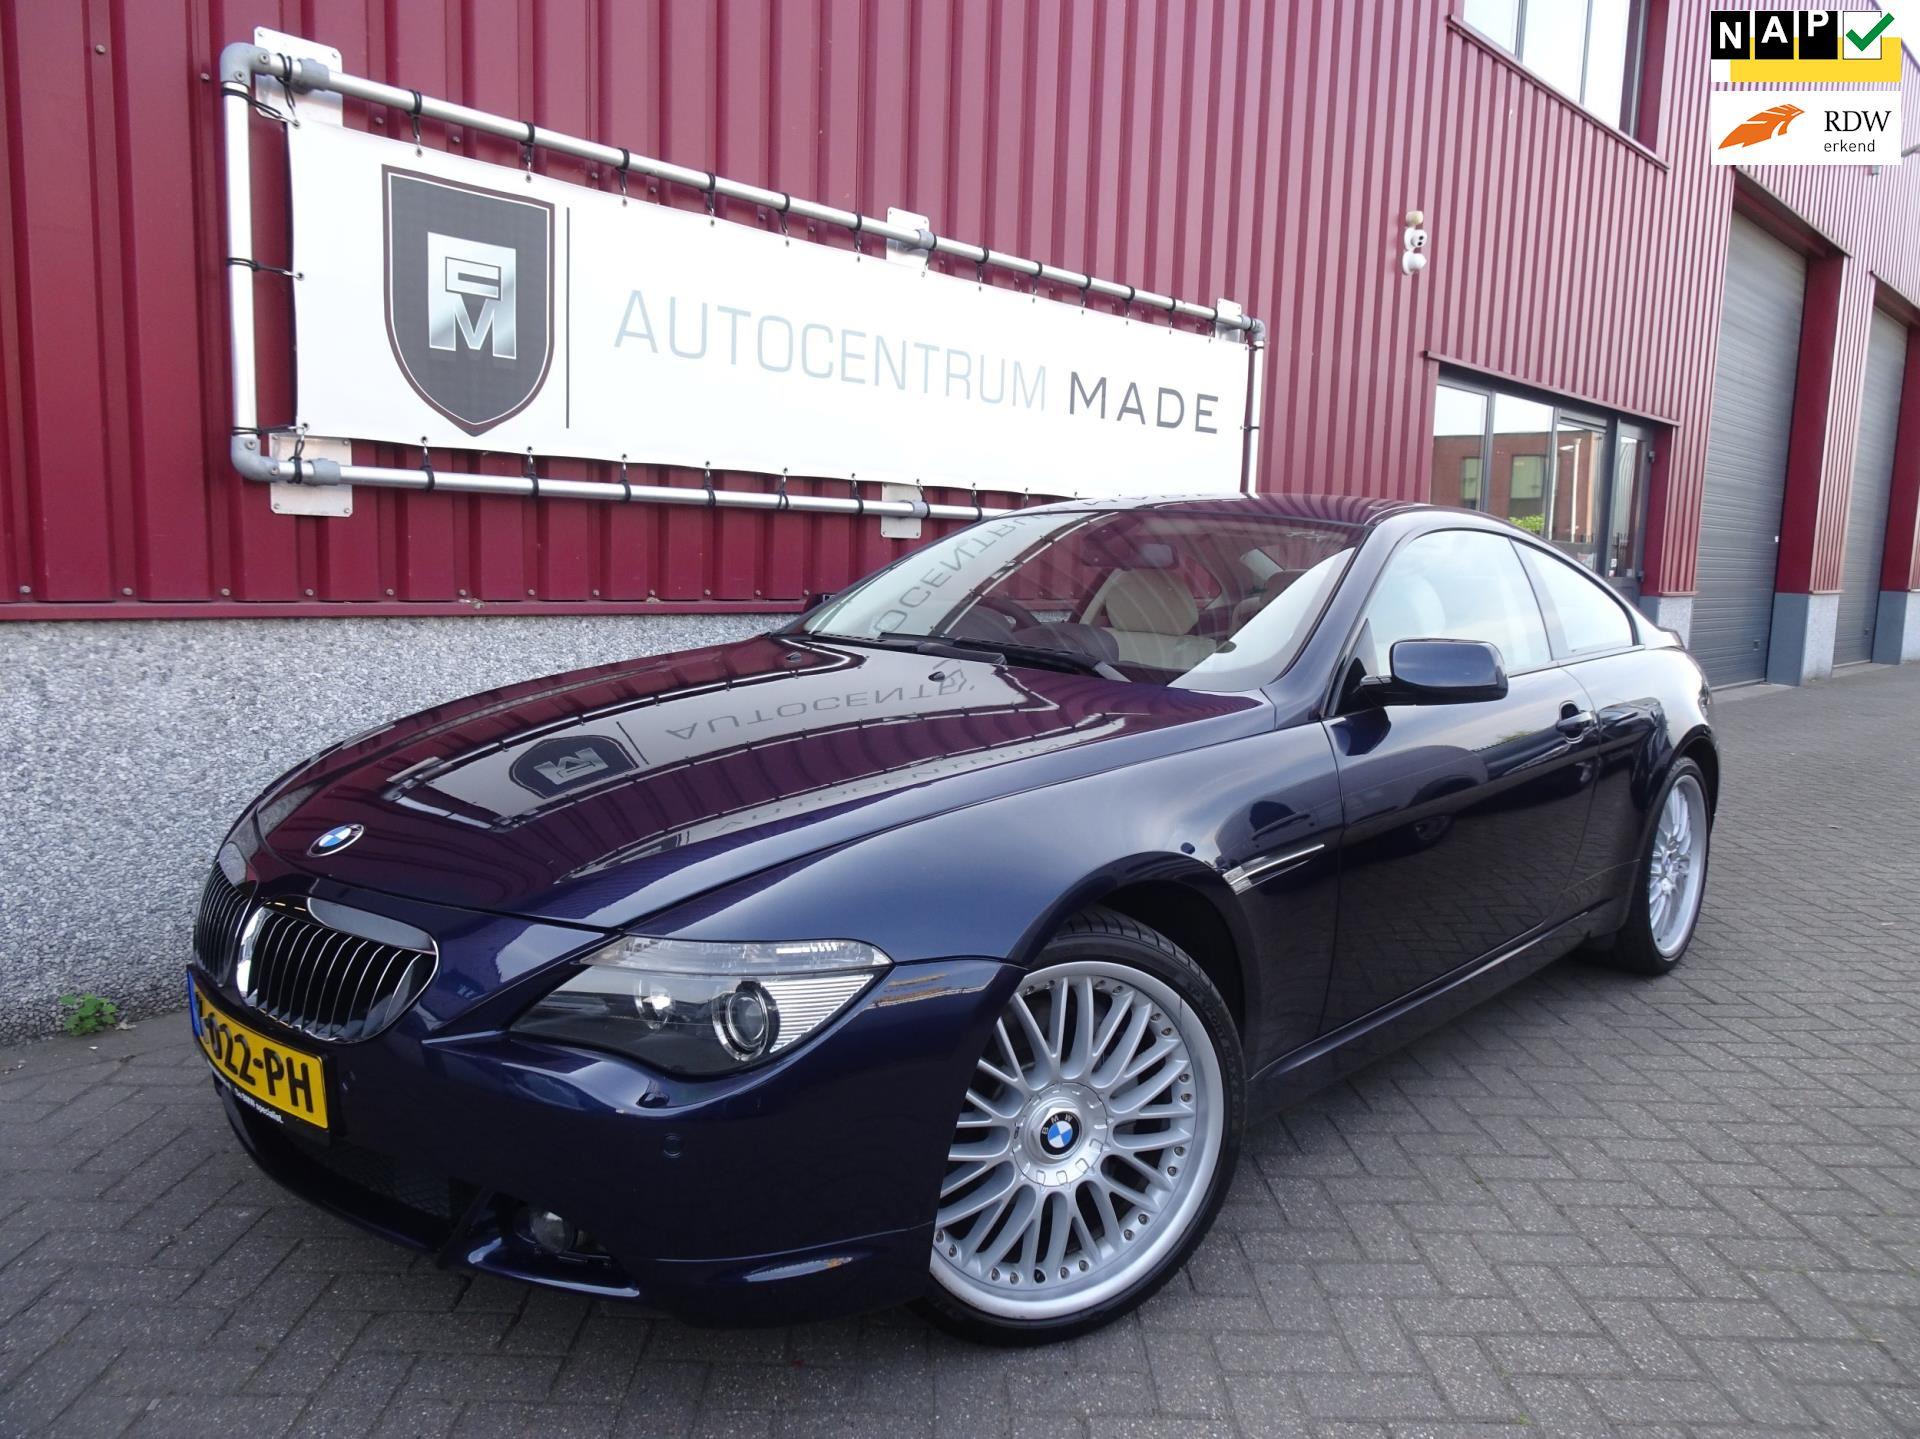 BMW 6-serie occasion - Auto Centrum Made